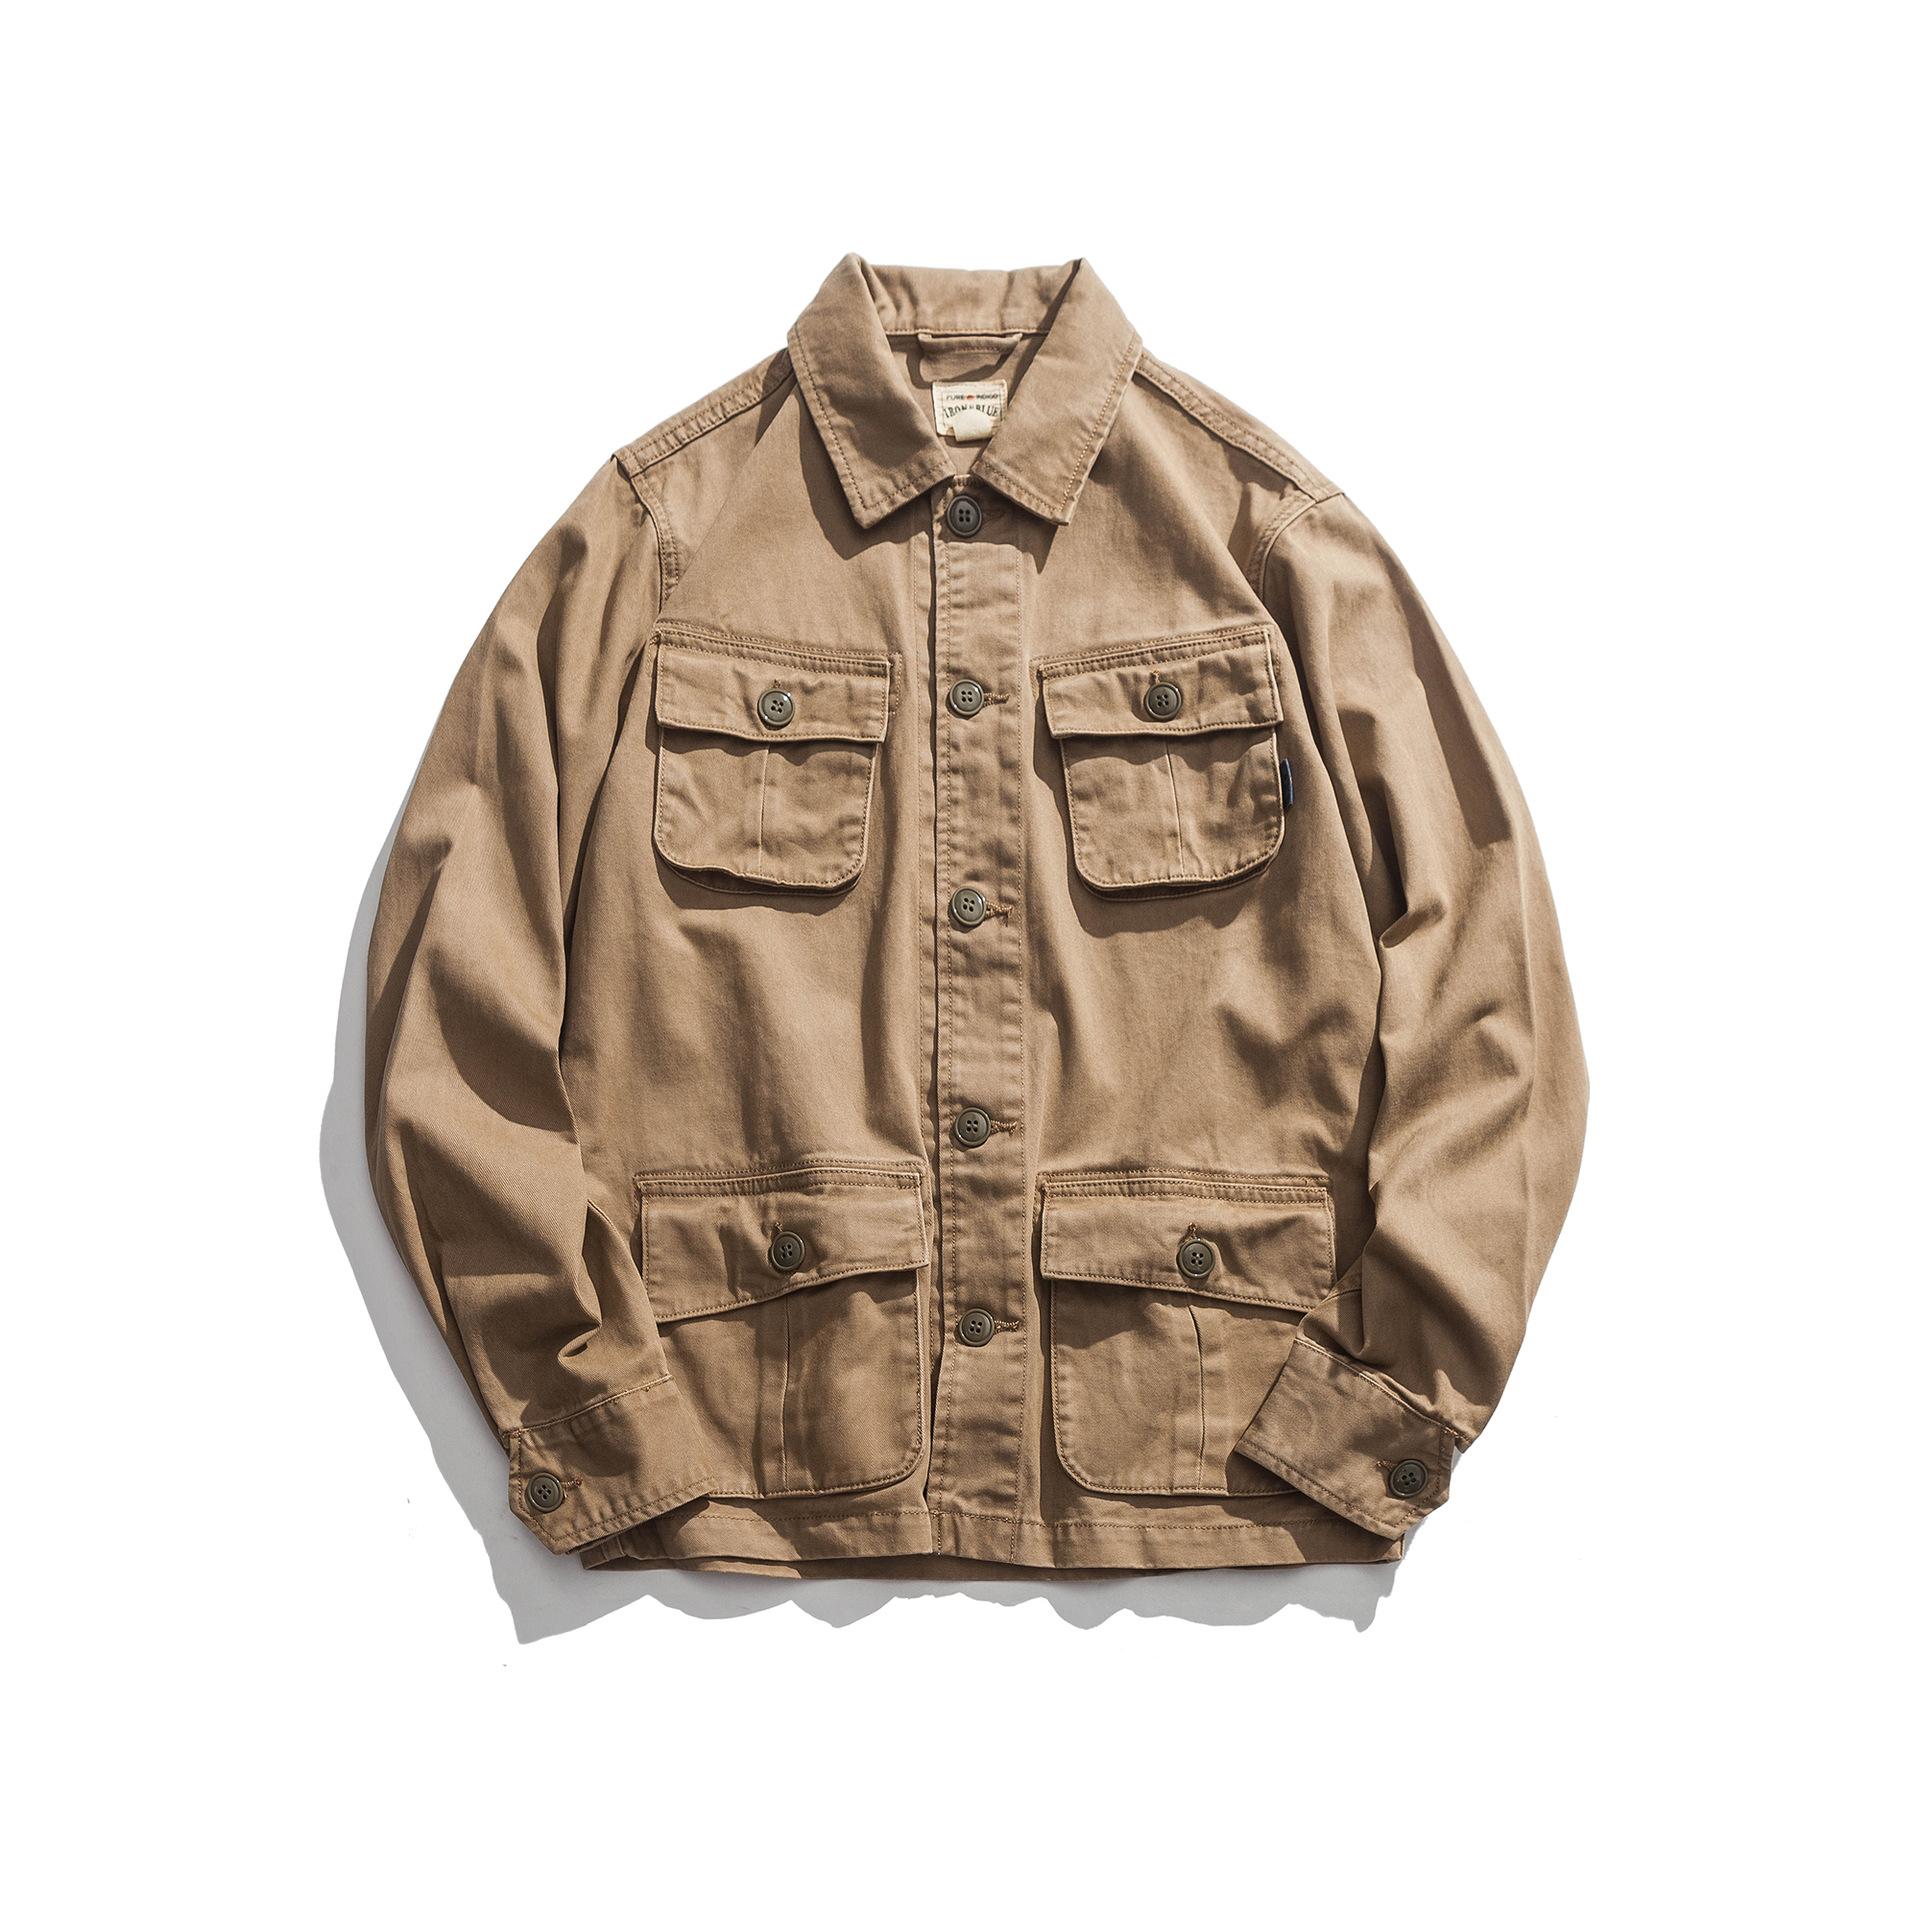 夹克收集狂:夹克永远穿不够!没有它们怎么算入冬?  秋11月 第29张